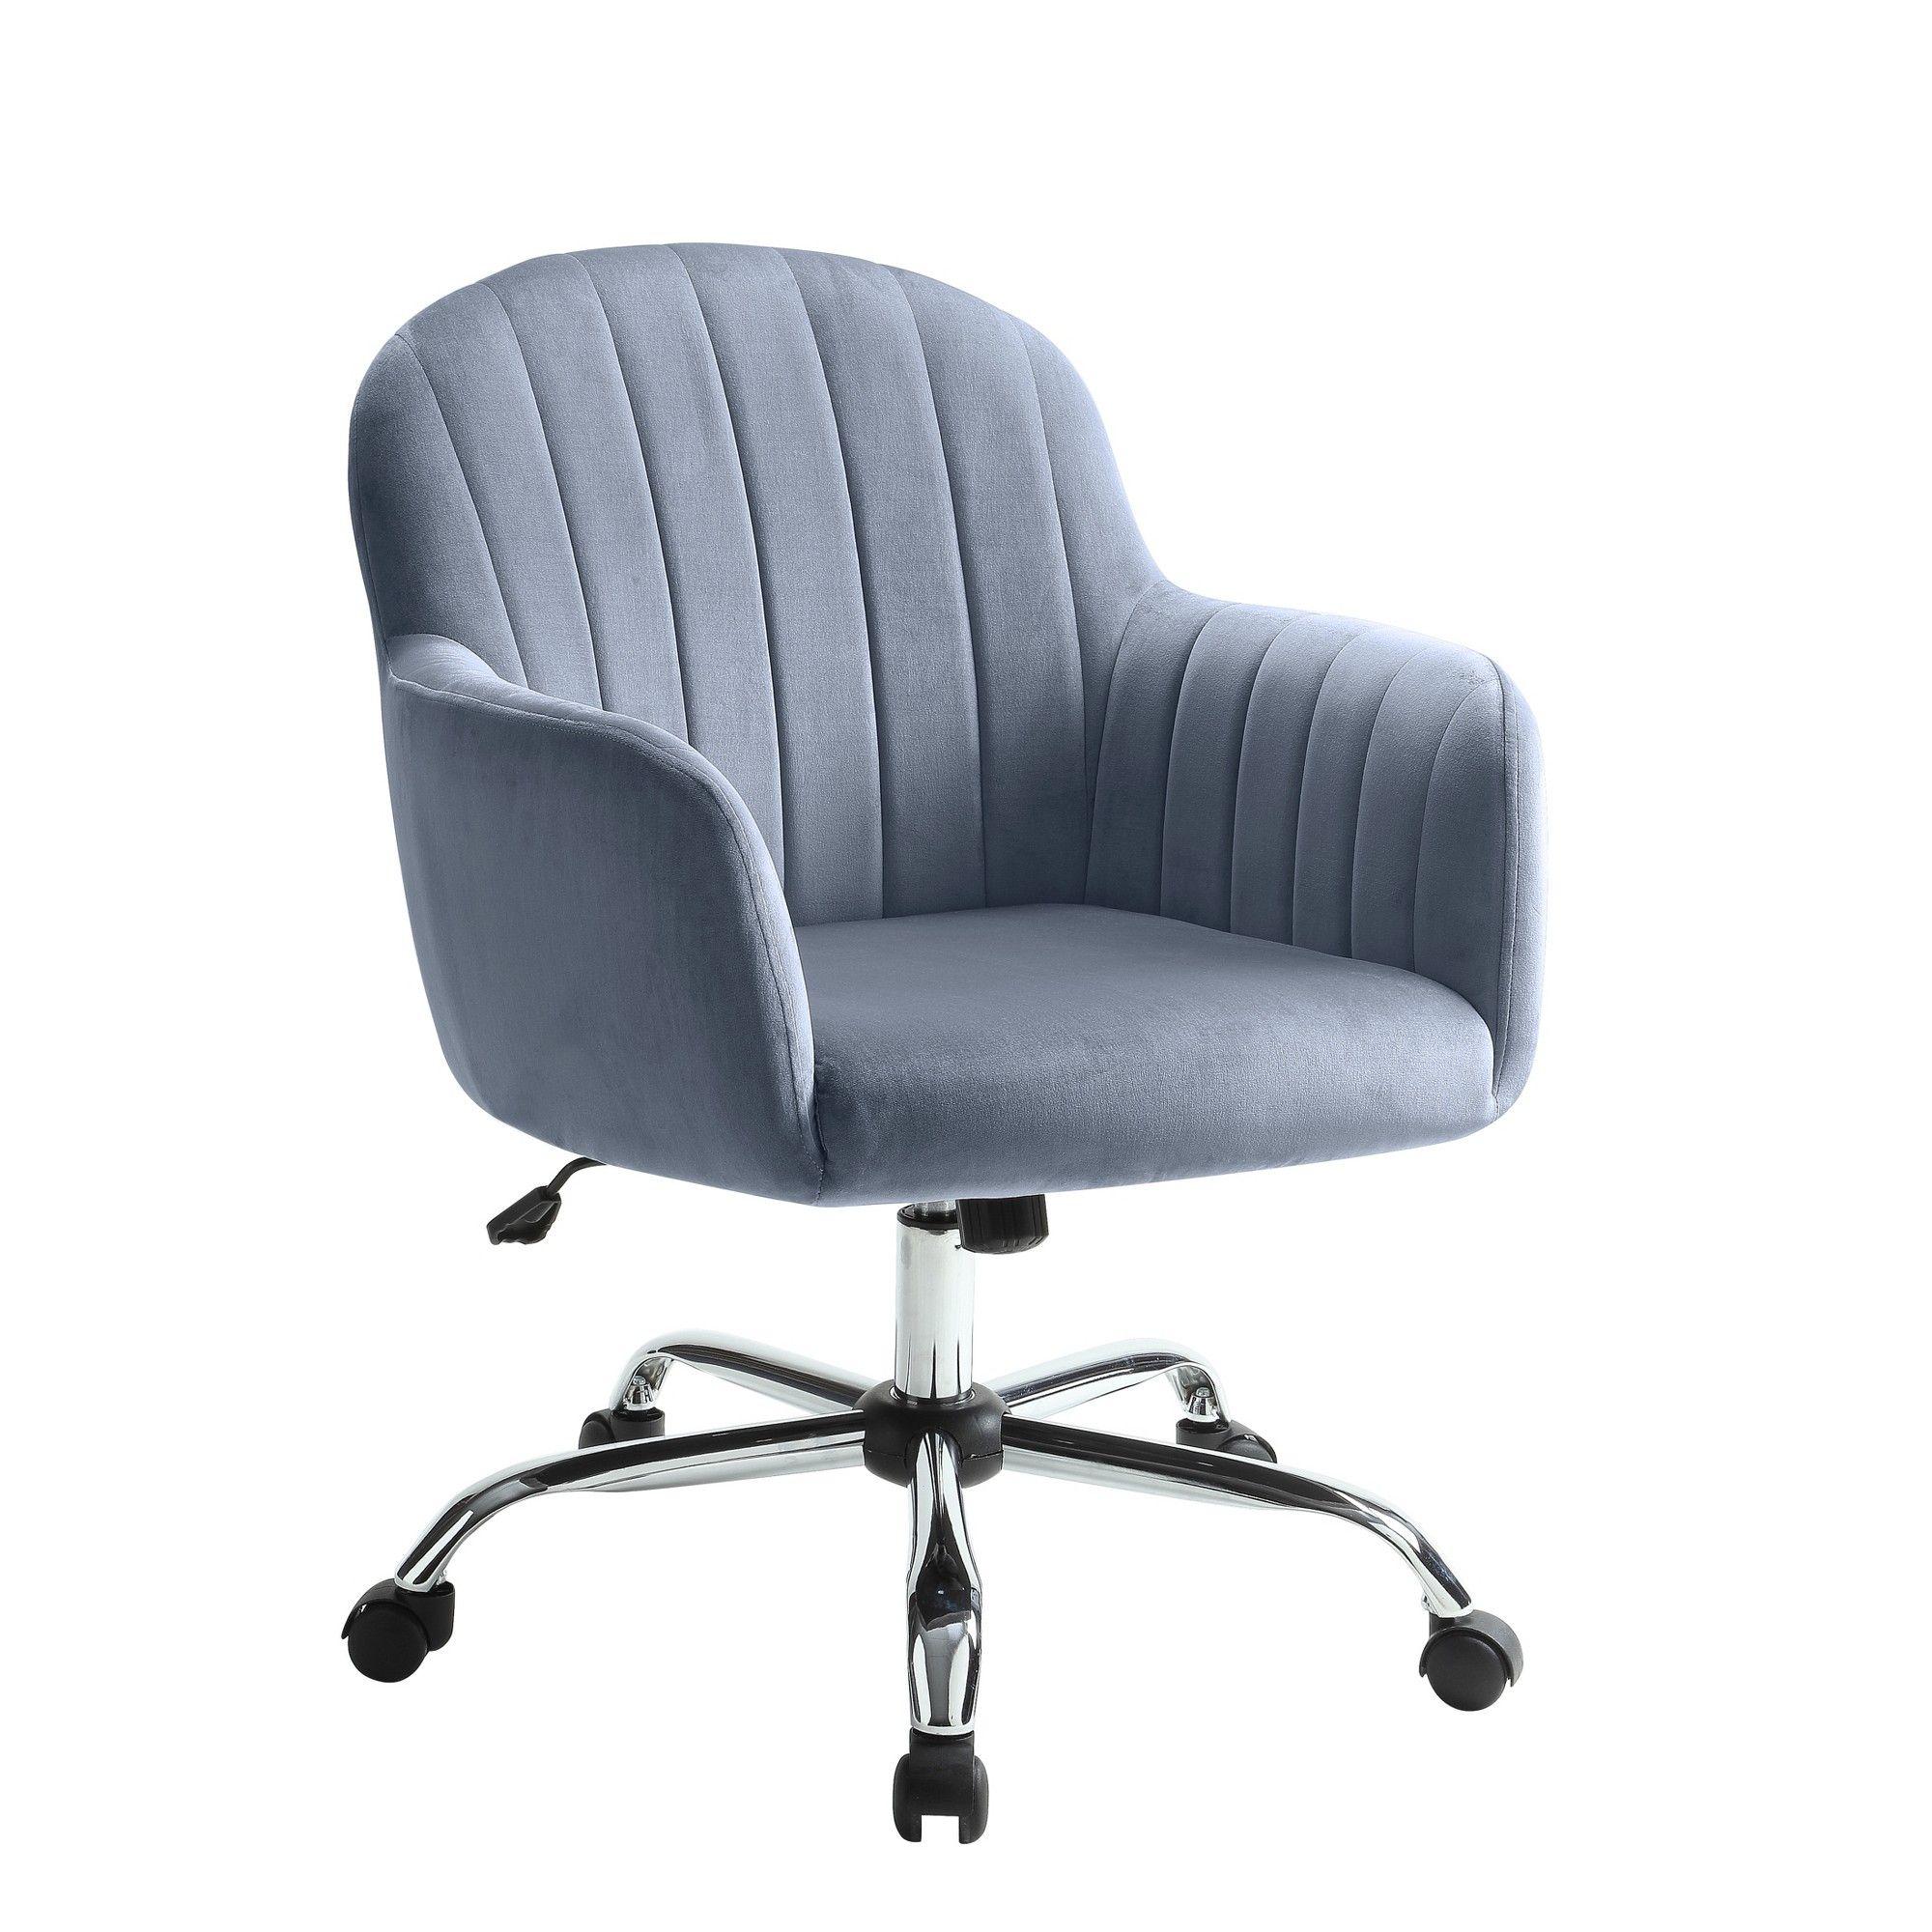 Remy Velvet Like Office Chair Gray Mibasics Dark Gray Contemporary Office Chairs Office Chair Furniture Of America